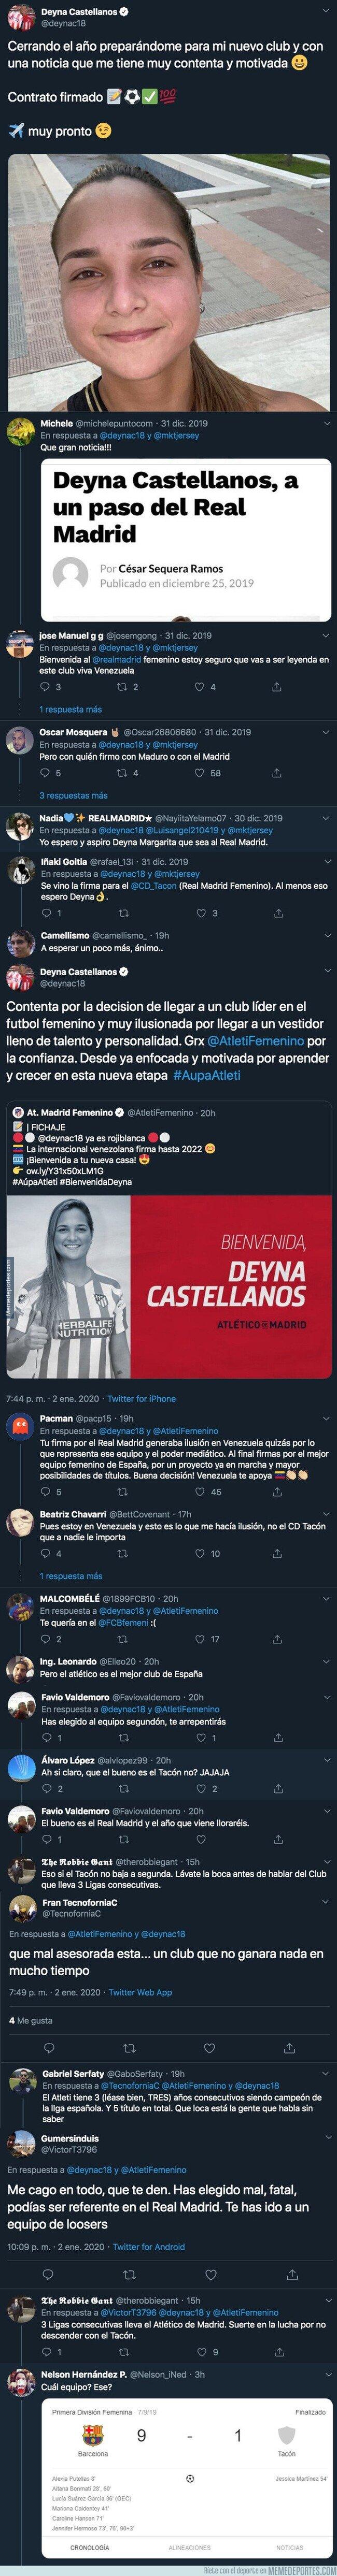 1094978 - El ZASCA grupal que se han llevado todos los madridistas con el fichaje de Deyna Castellanos por el Atleti tras publicar todos estos mensajes días antes